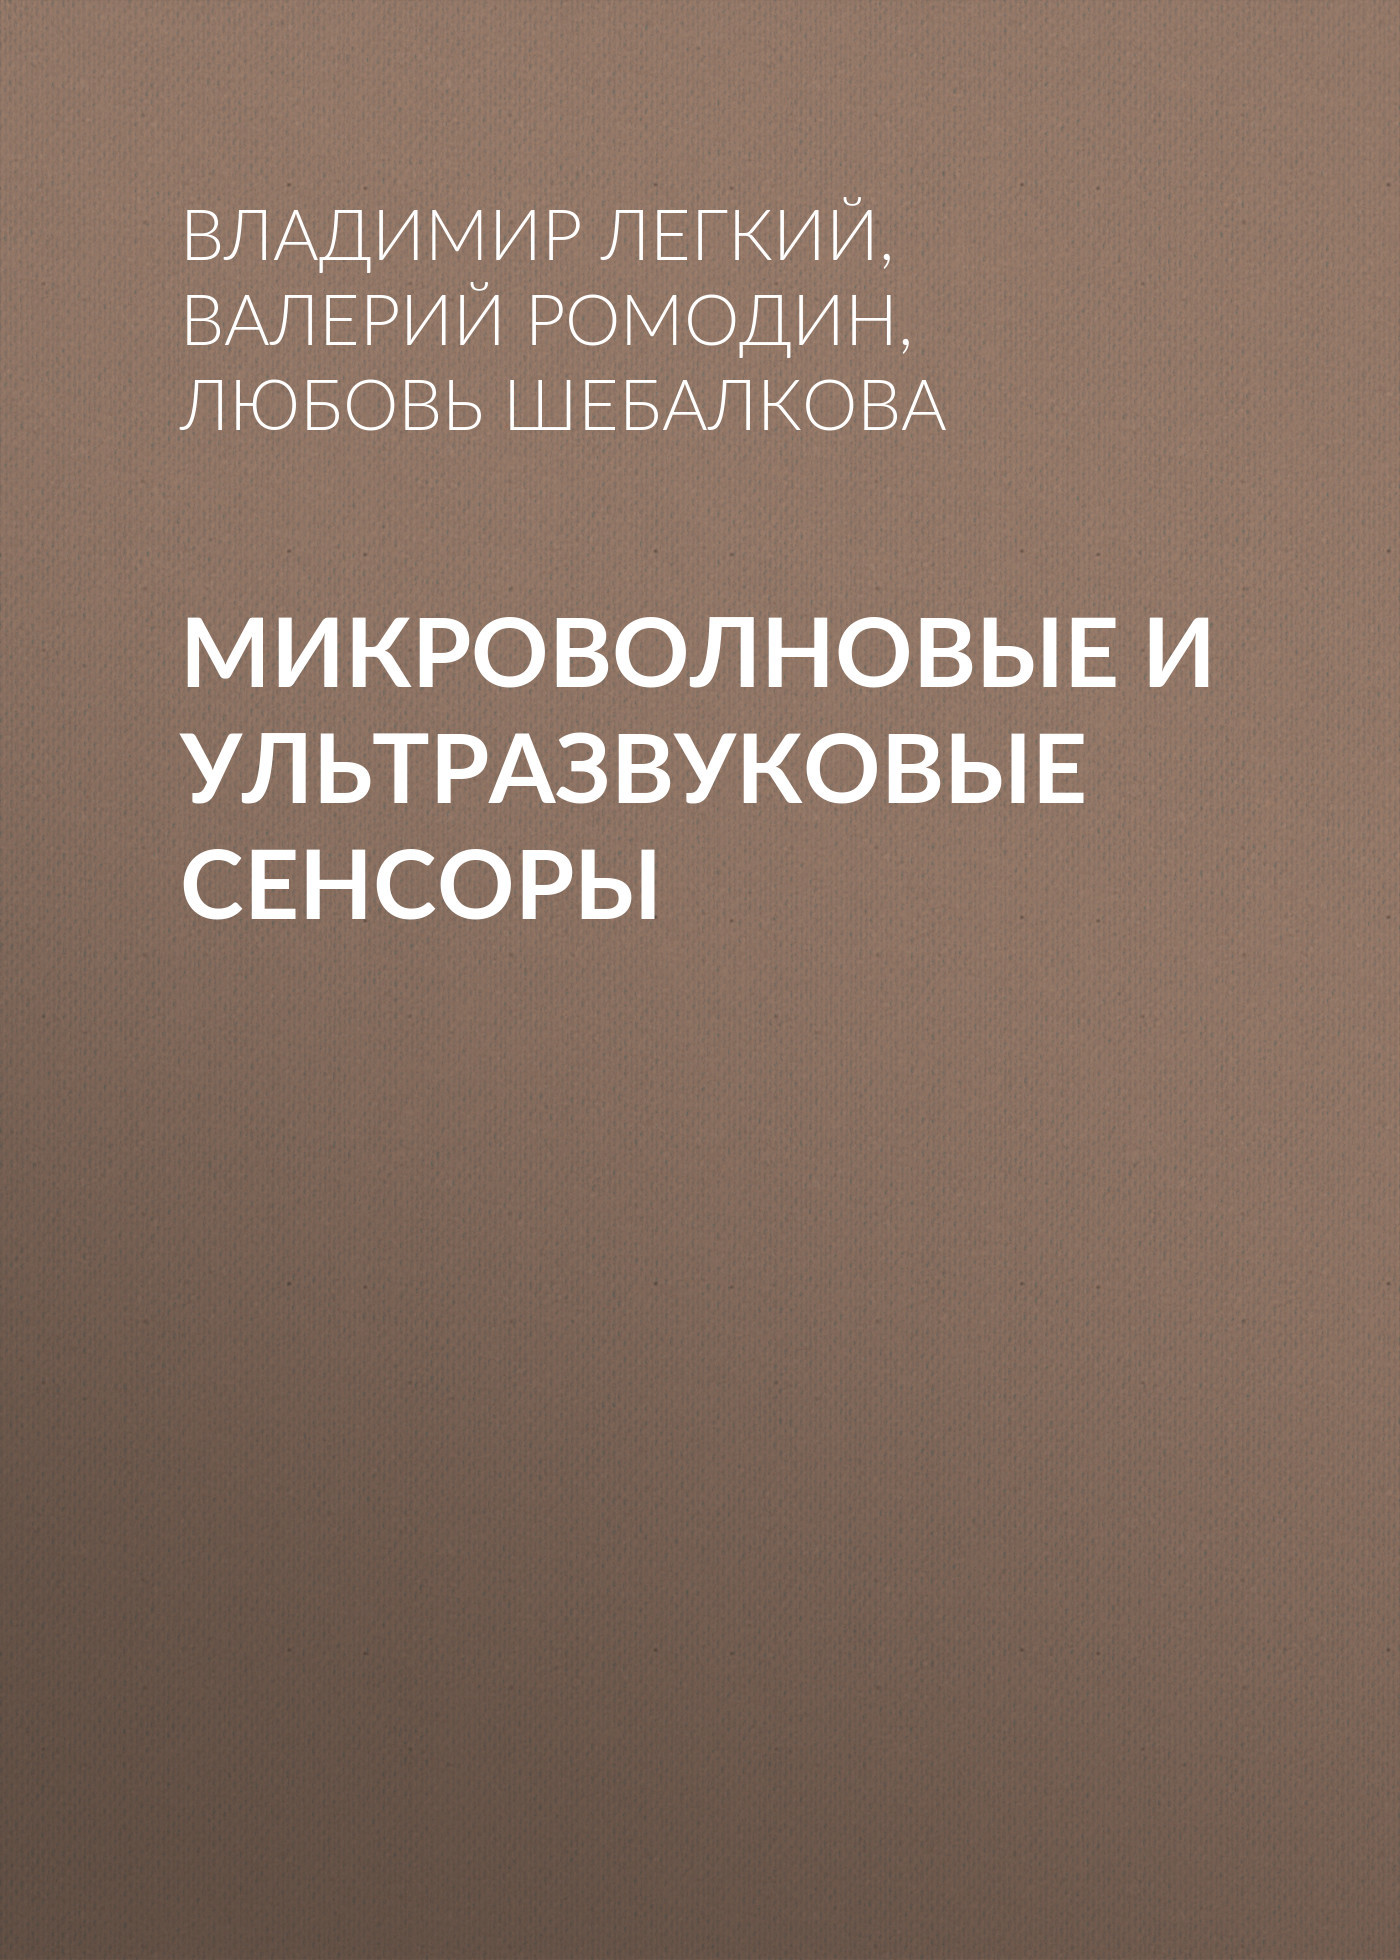 Владимир Легкий бесплатно